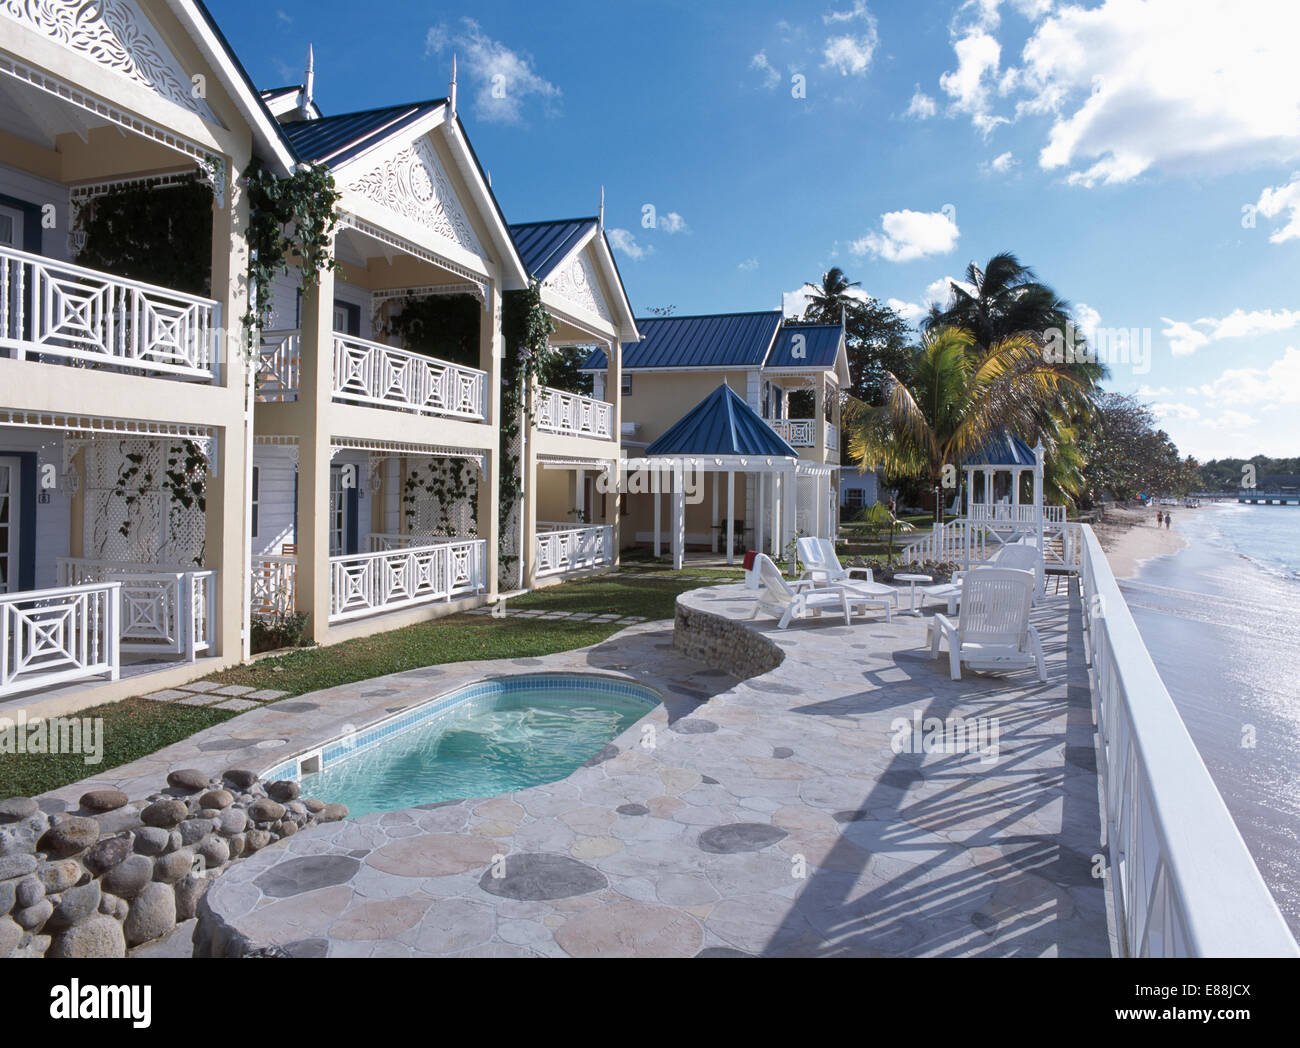 kleiner pool auf gepflasterten terrasse vor großen haus mit